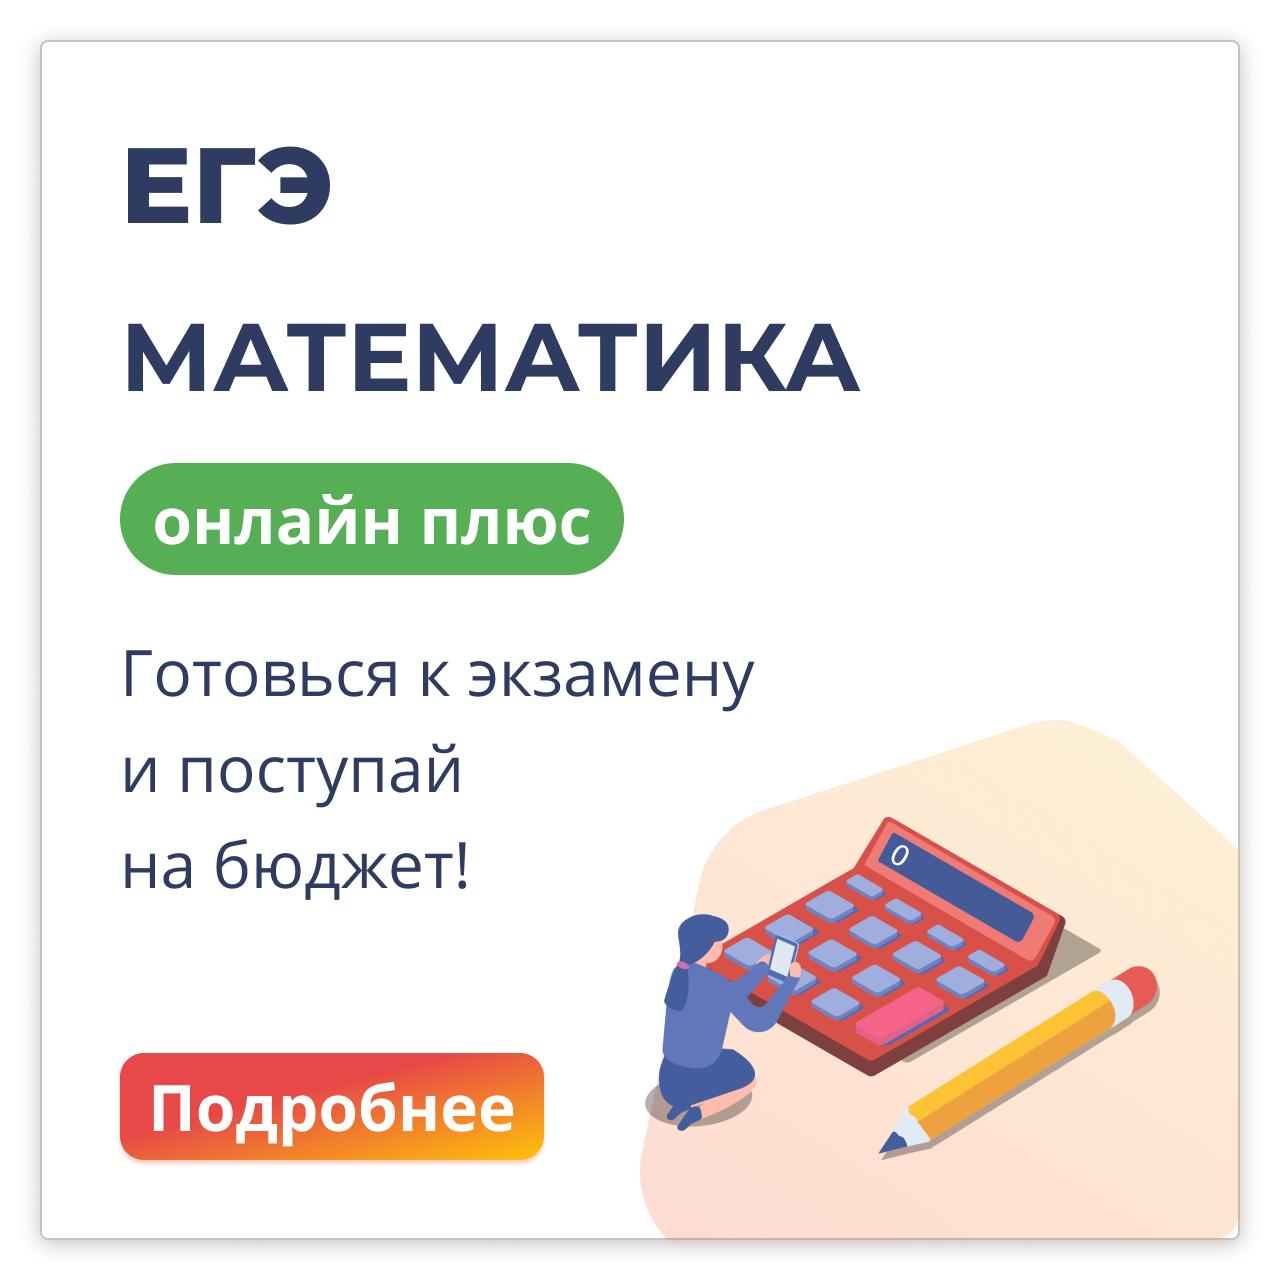 Математика ЕГЭ (Профильный уровень) Онлайн-группа